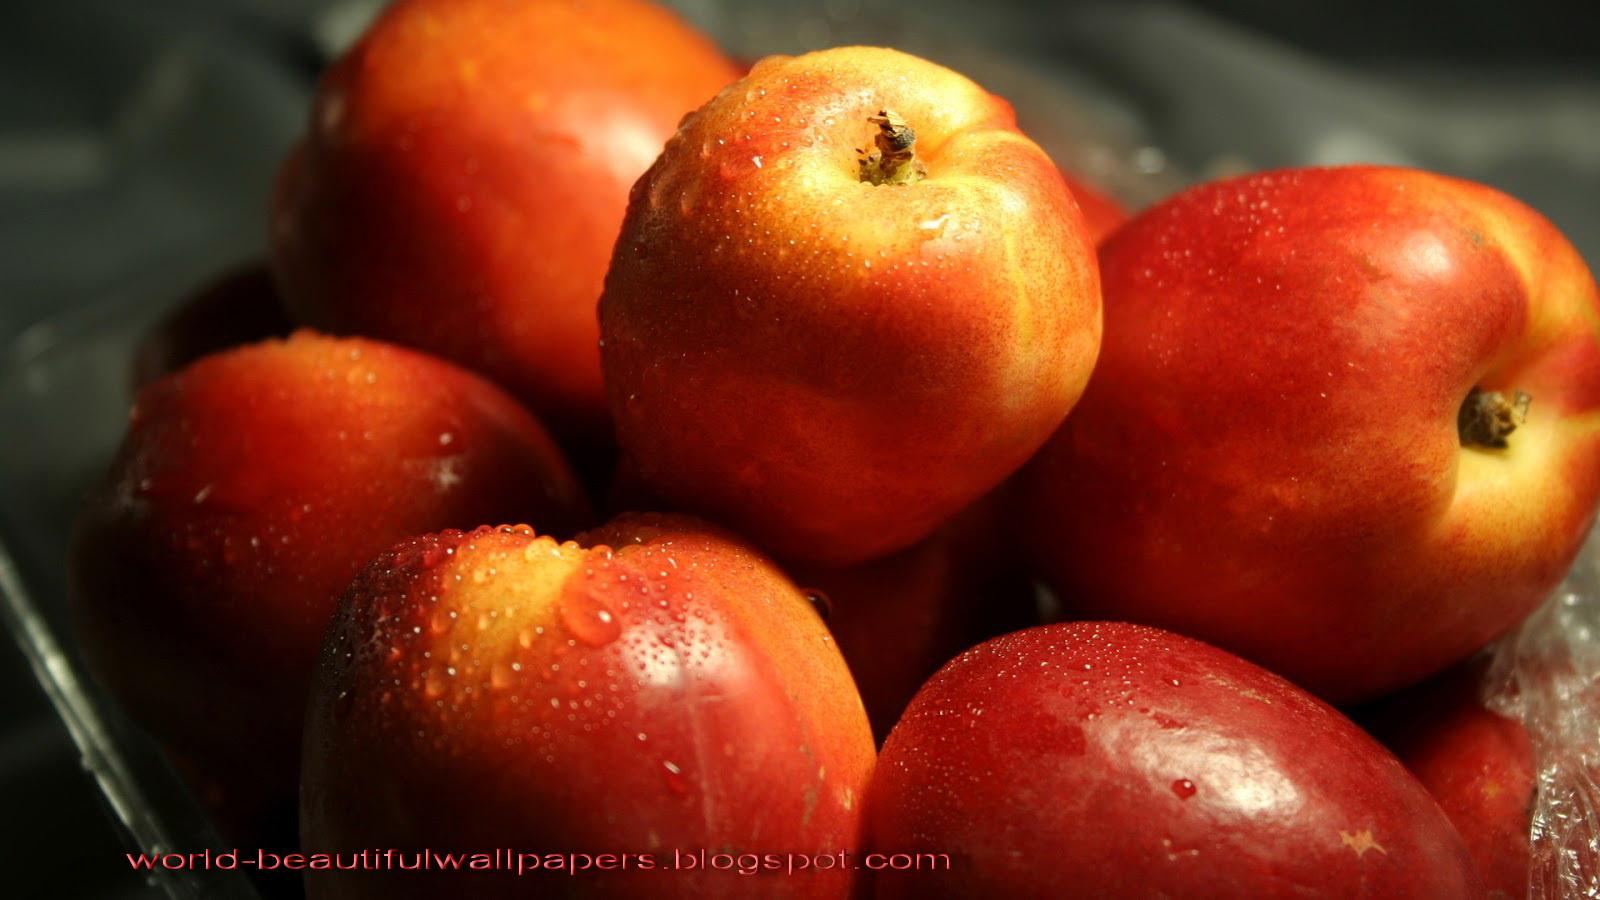 image 3d fruit desktop - photo #22